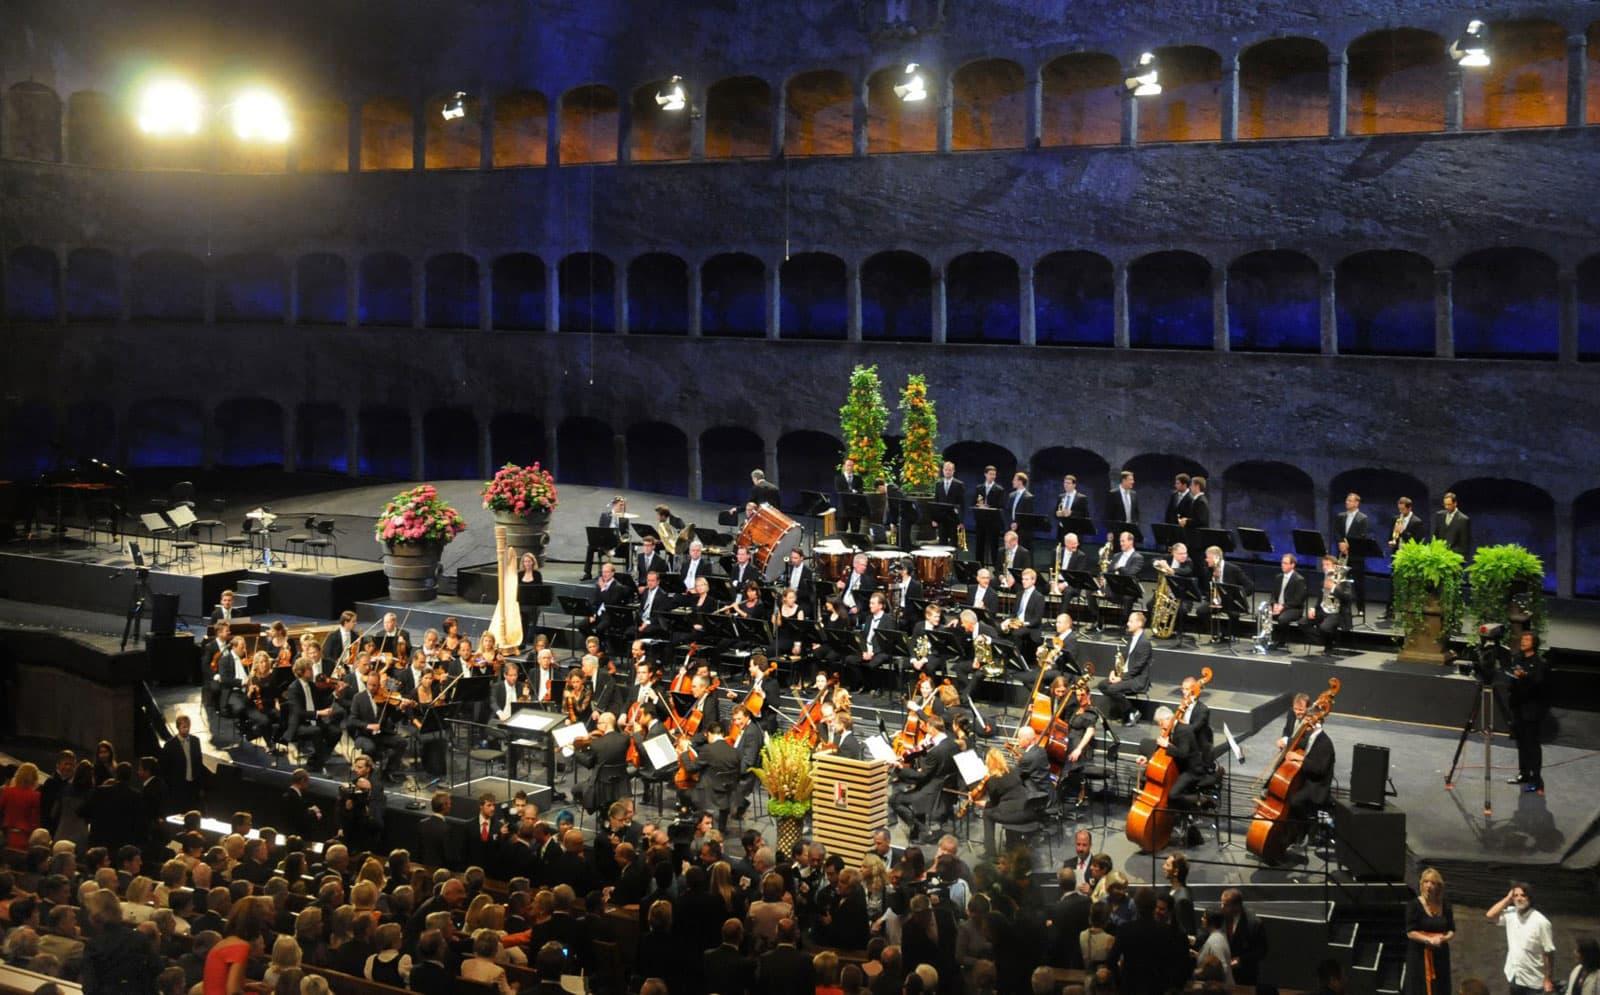 Imatge sense datar d'un concert al Festival de Salzburg. Fotografia de l'oficina de turisme de Salzburg.